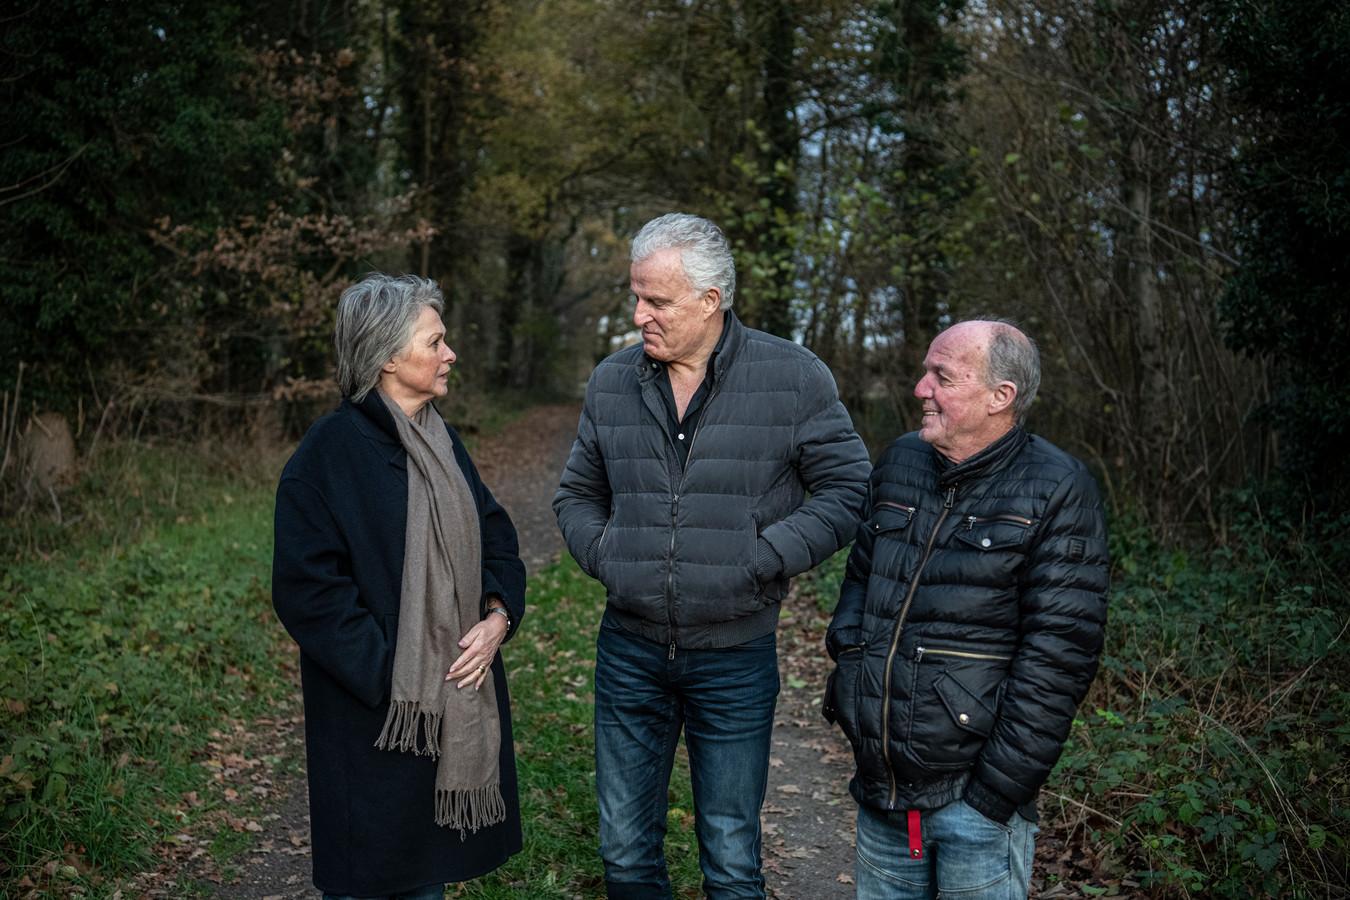 Peter R. de Vries  met de ouders van Nicky Verstappen, Peter en Berthie Verstappen.